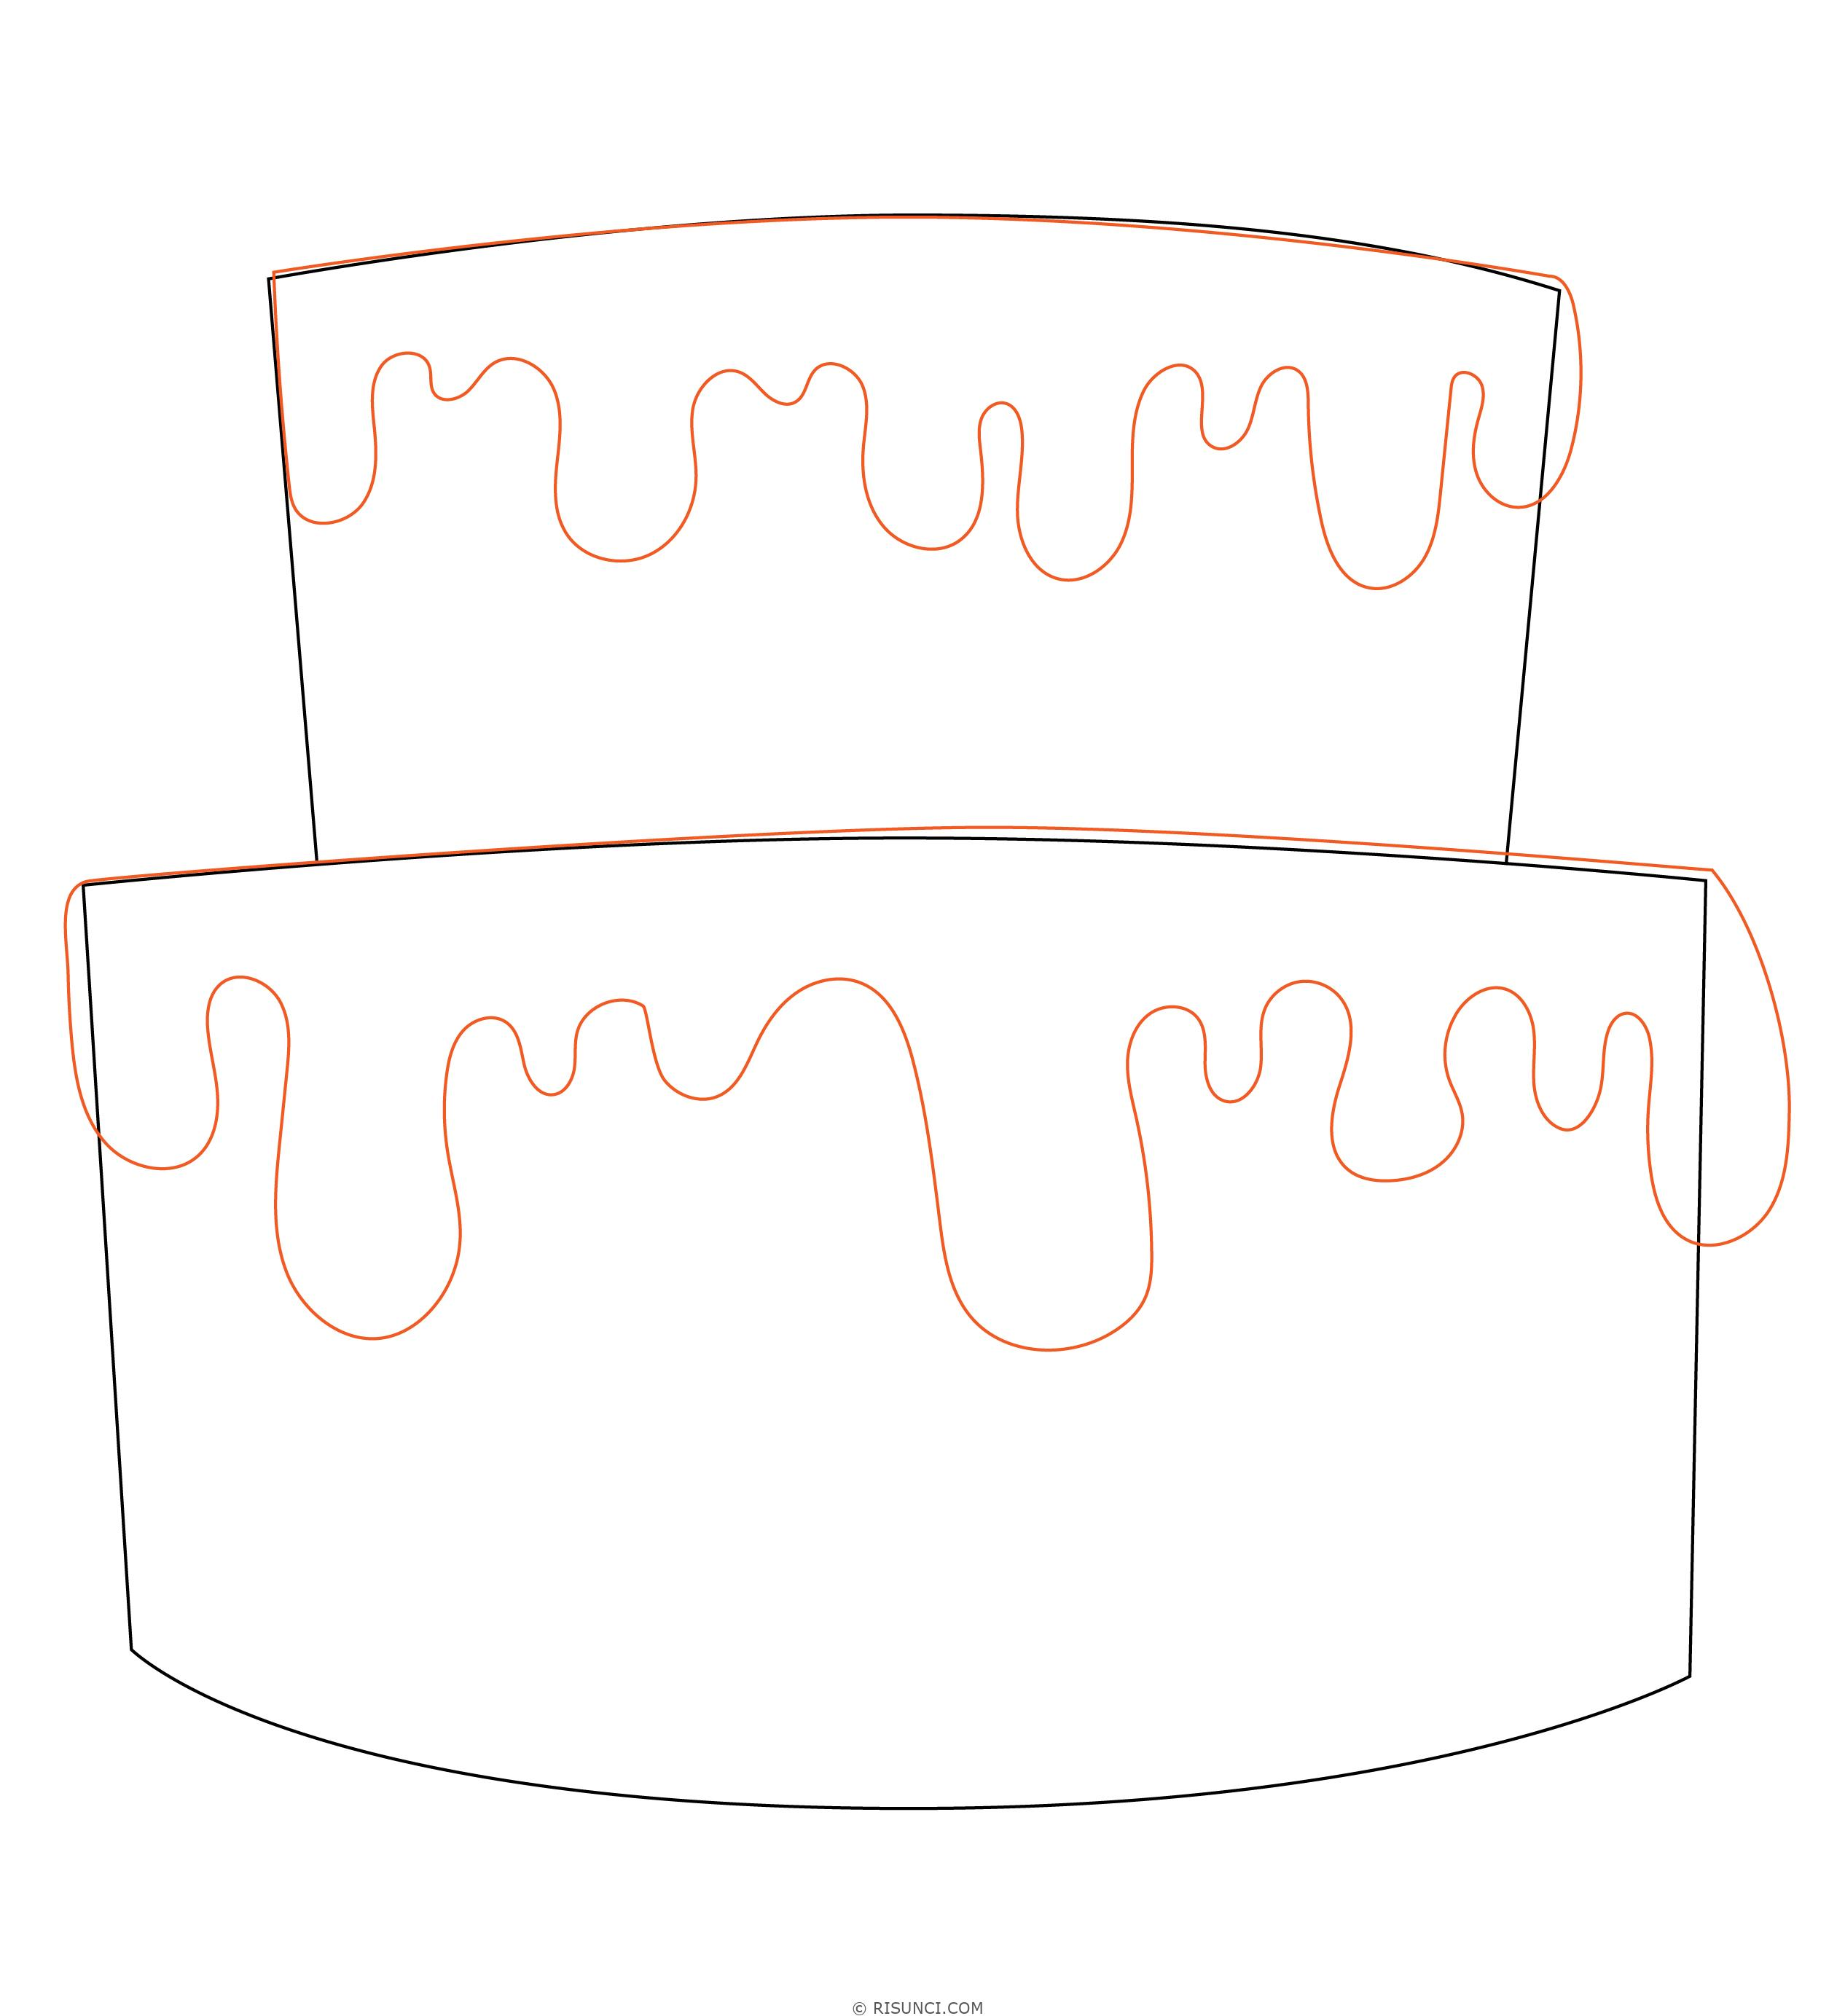 картинки как нарисовать торт карандашом поэтапно задачей при этом